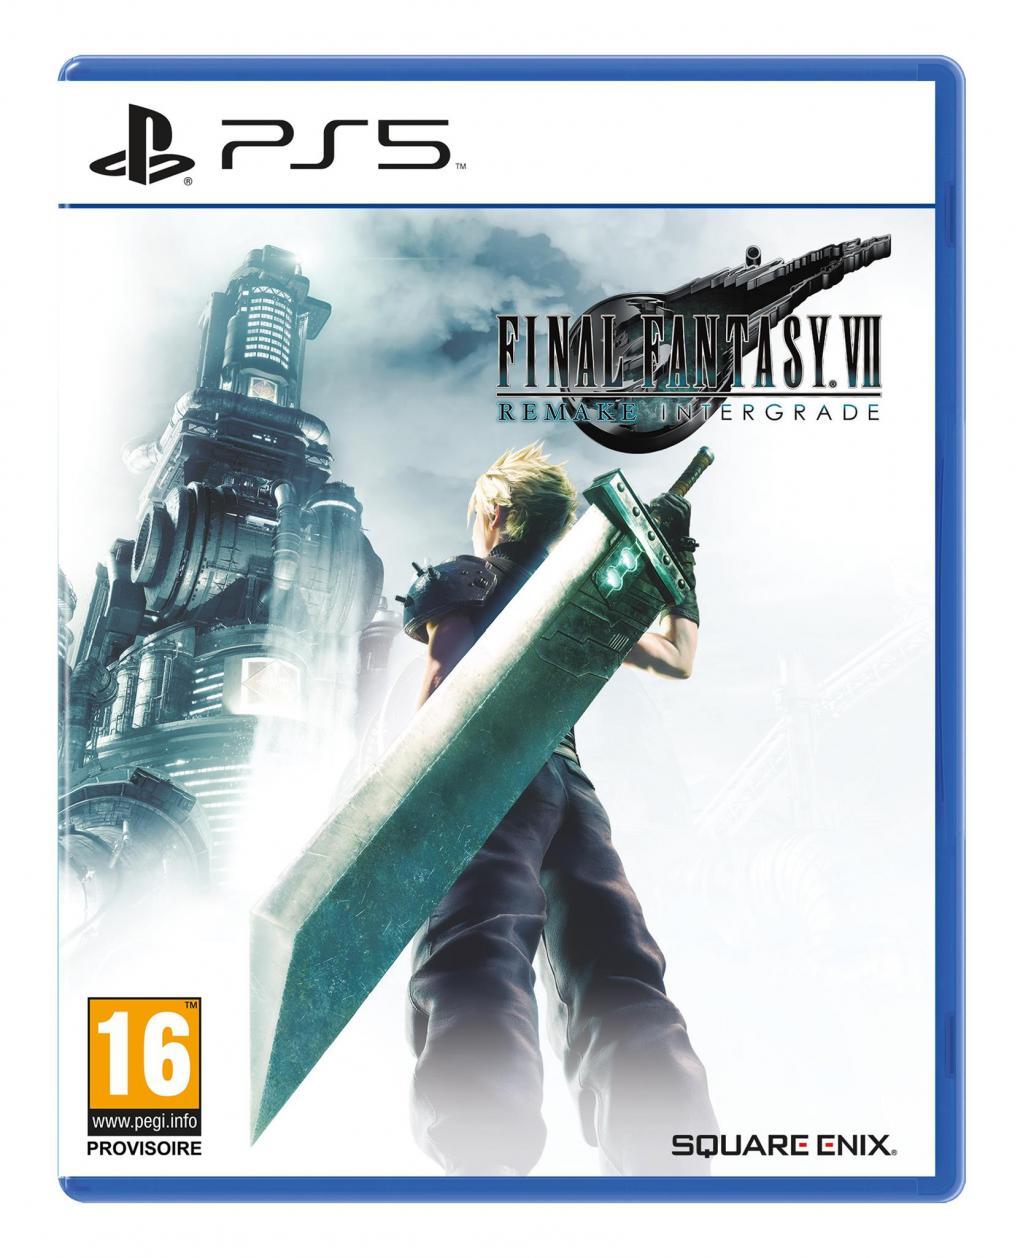 Final fantasy VII Remake Intergrade_1